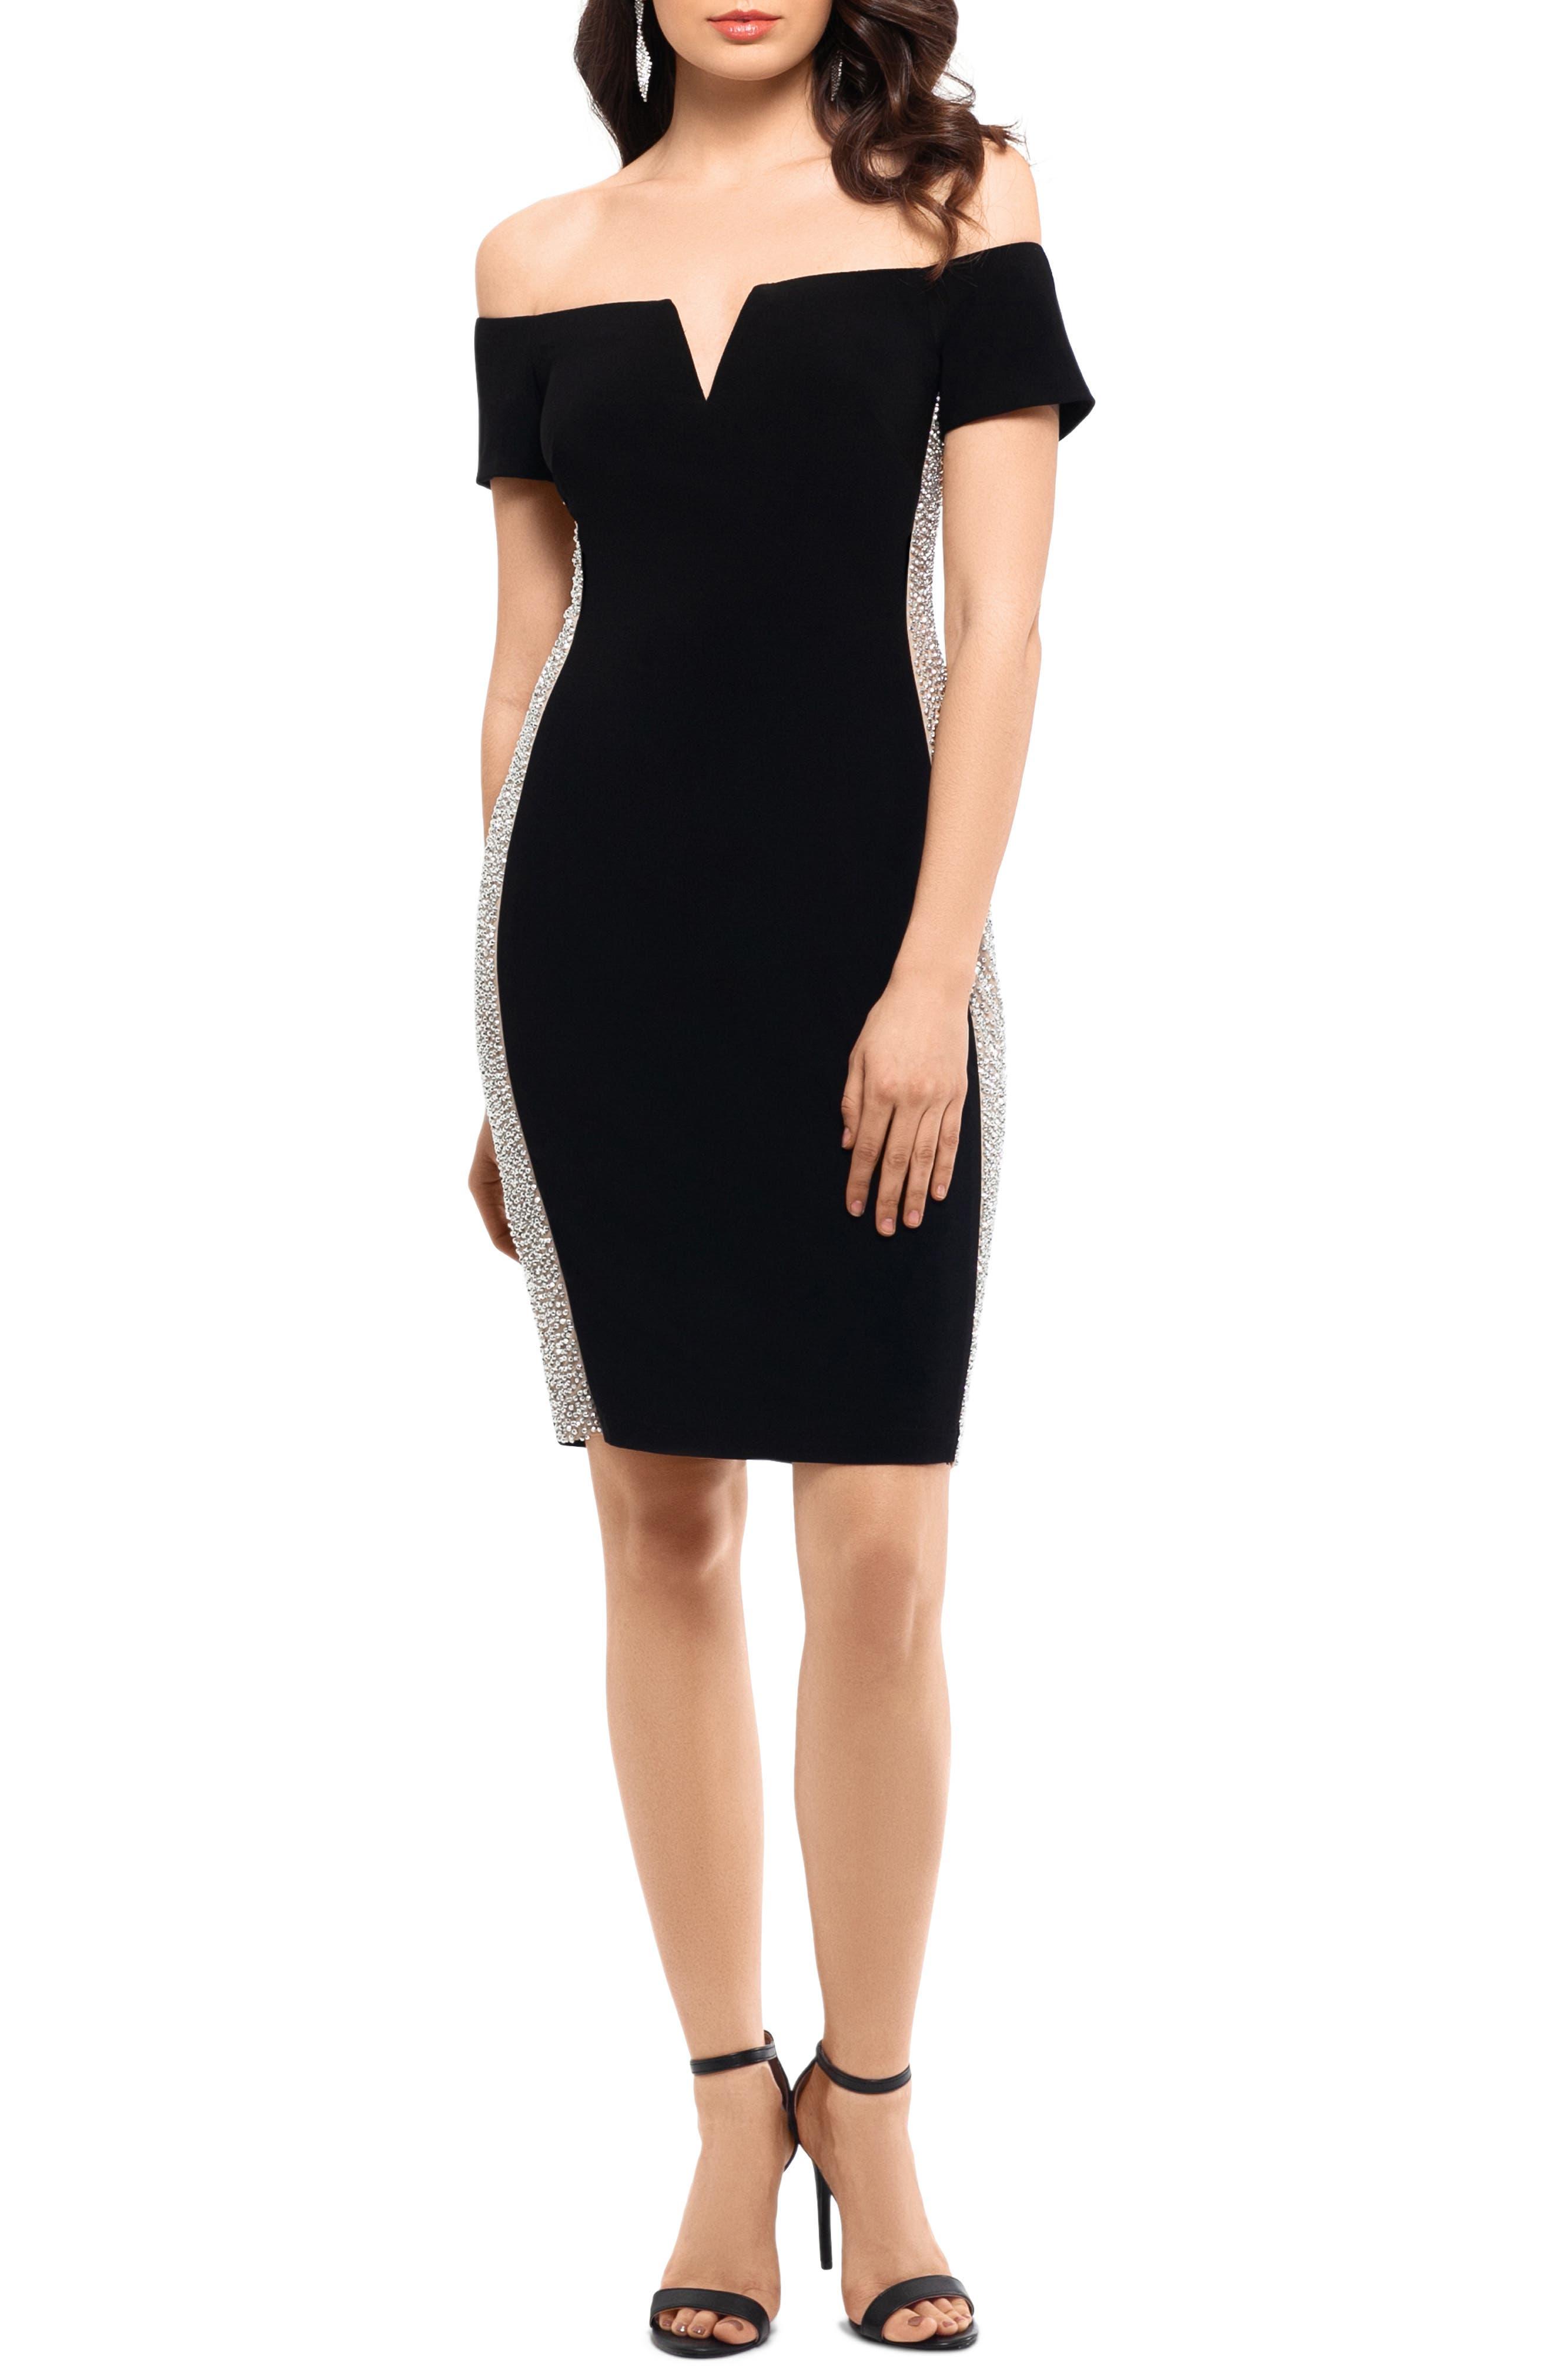 Xscape Beaded Side Stripe Off The Shoulder Cocktail Dress, Black